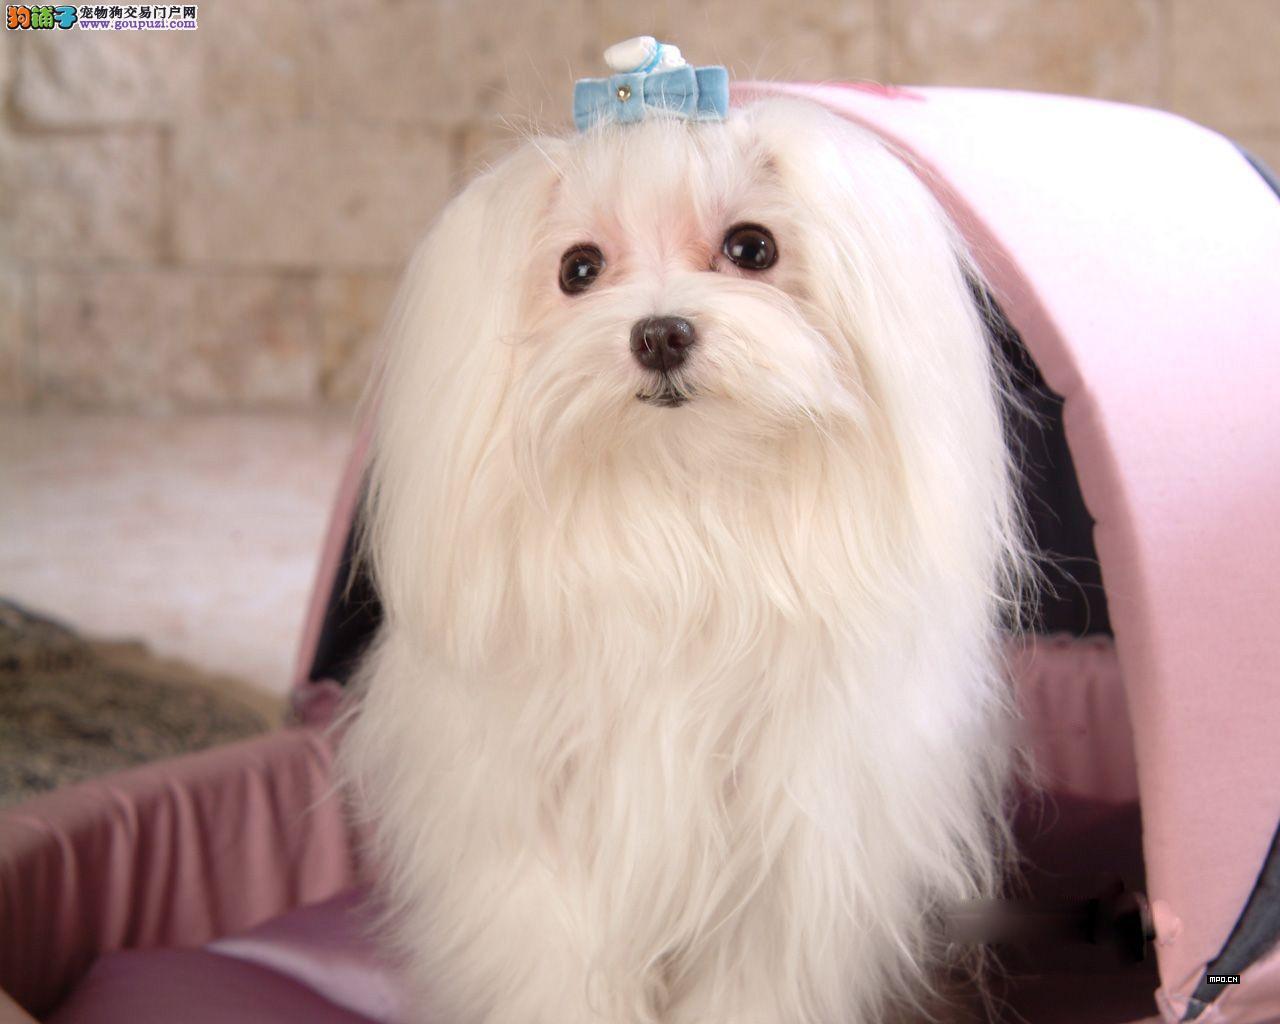 苏州出售聪明活泼的马尔济斯幼犬 雪白长毛狗狗好养活